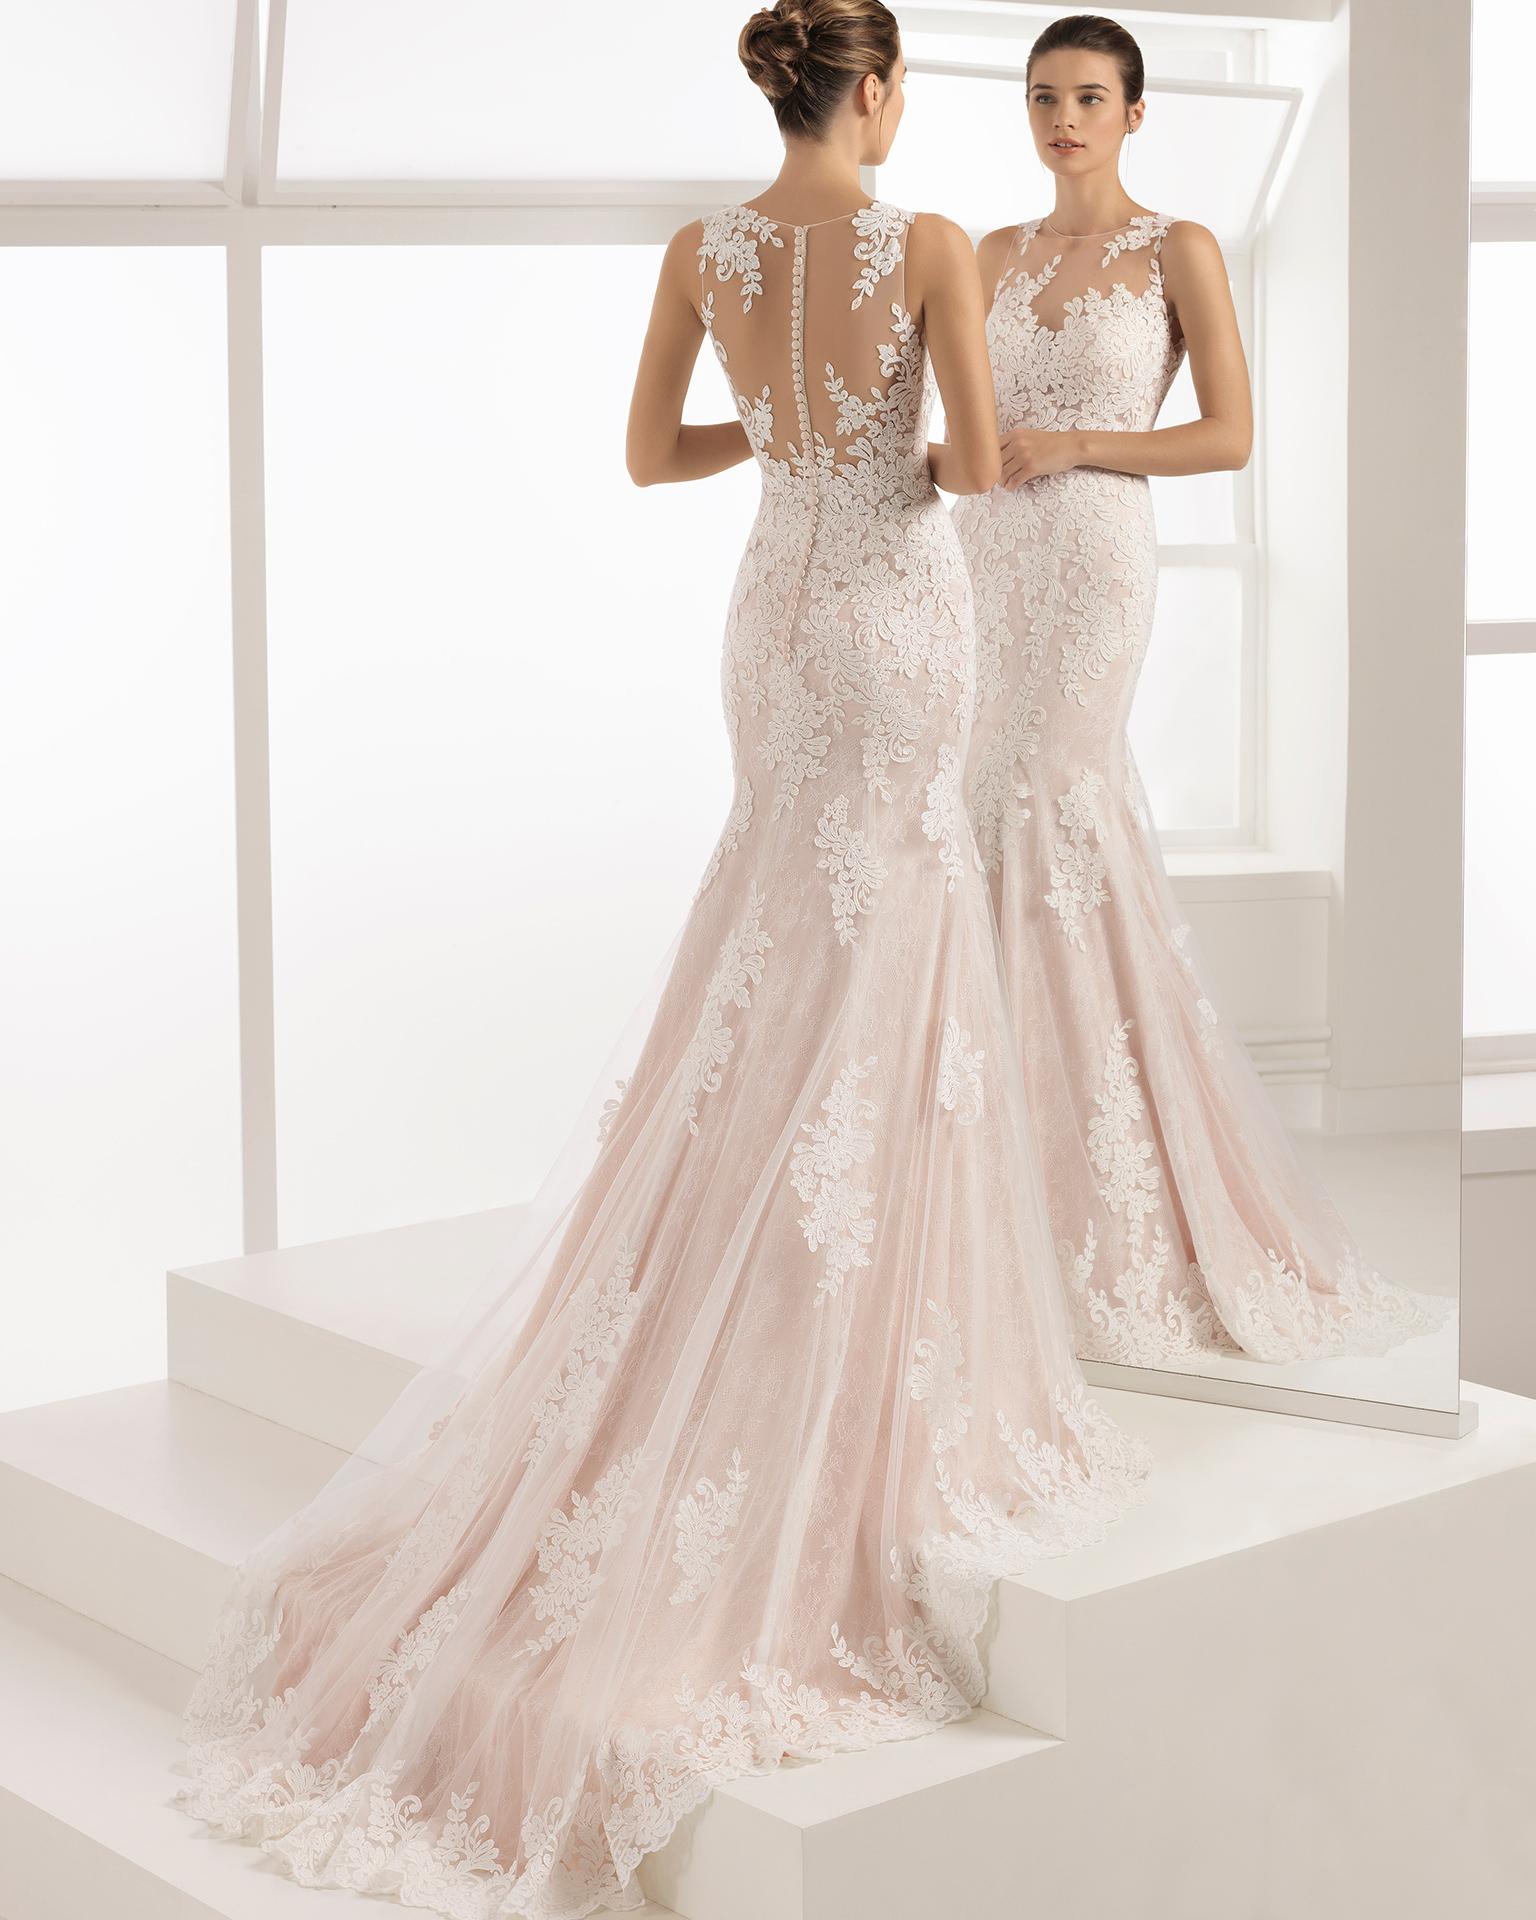 Vestido de noiva estilo romântico de renda transparente com decote ilusão em cor natural e em rosé.